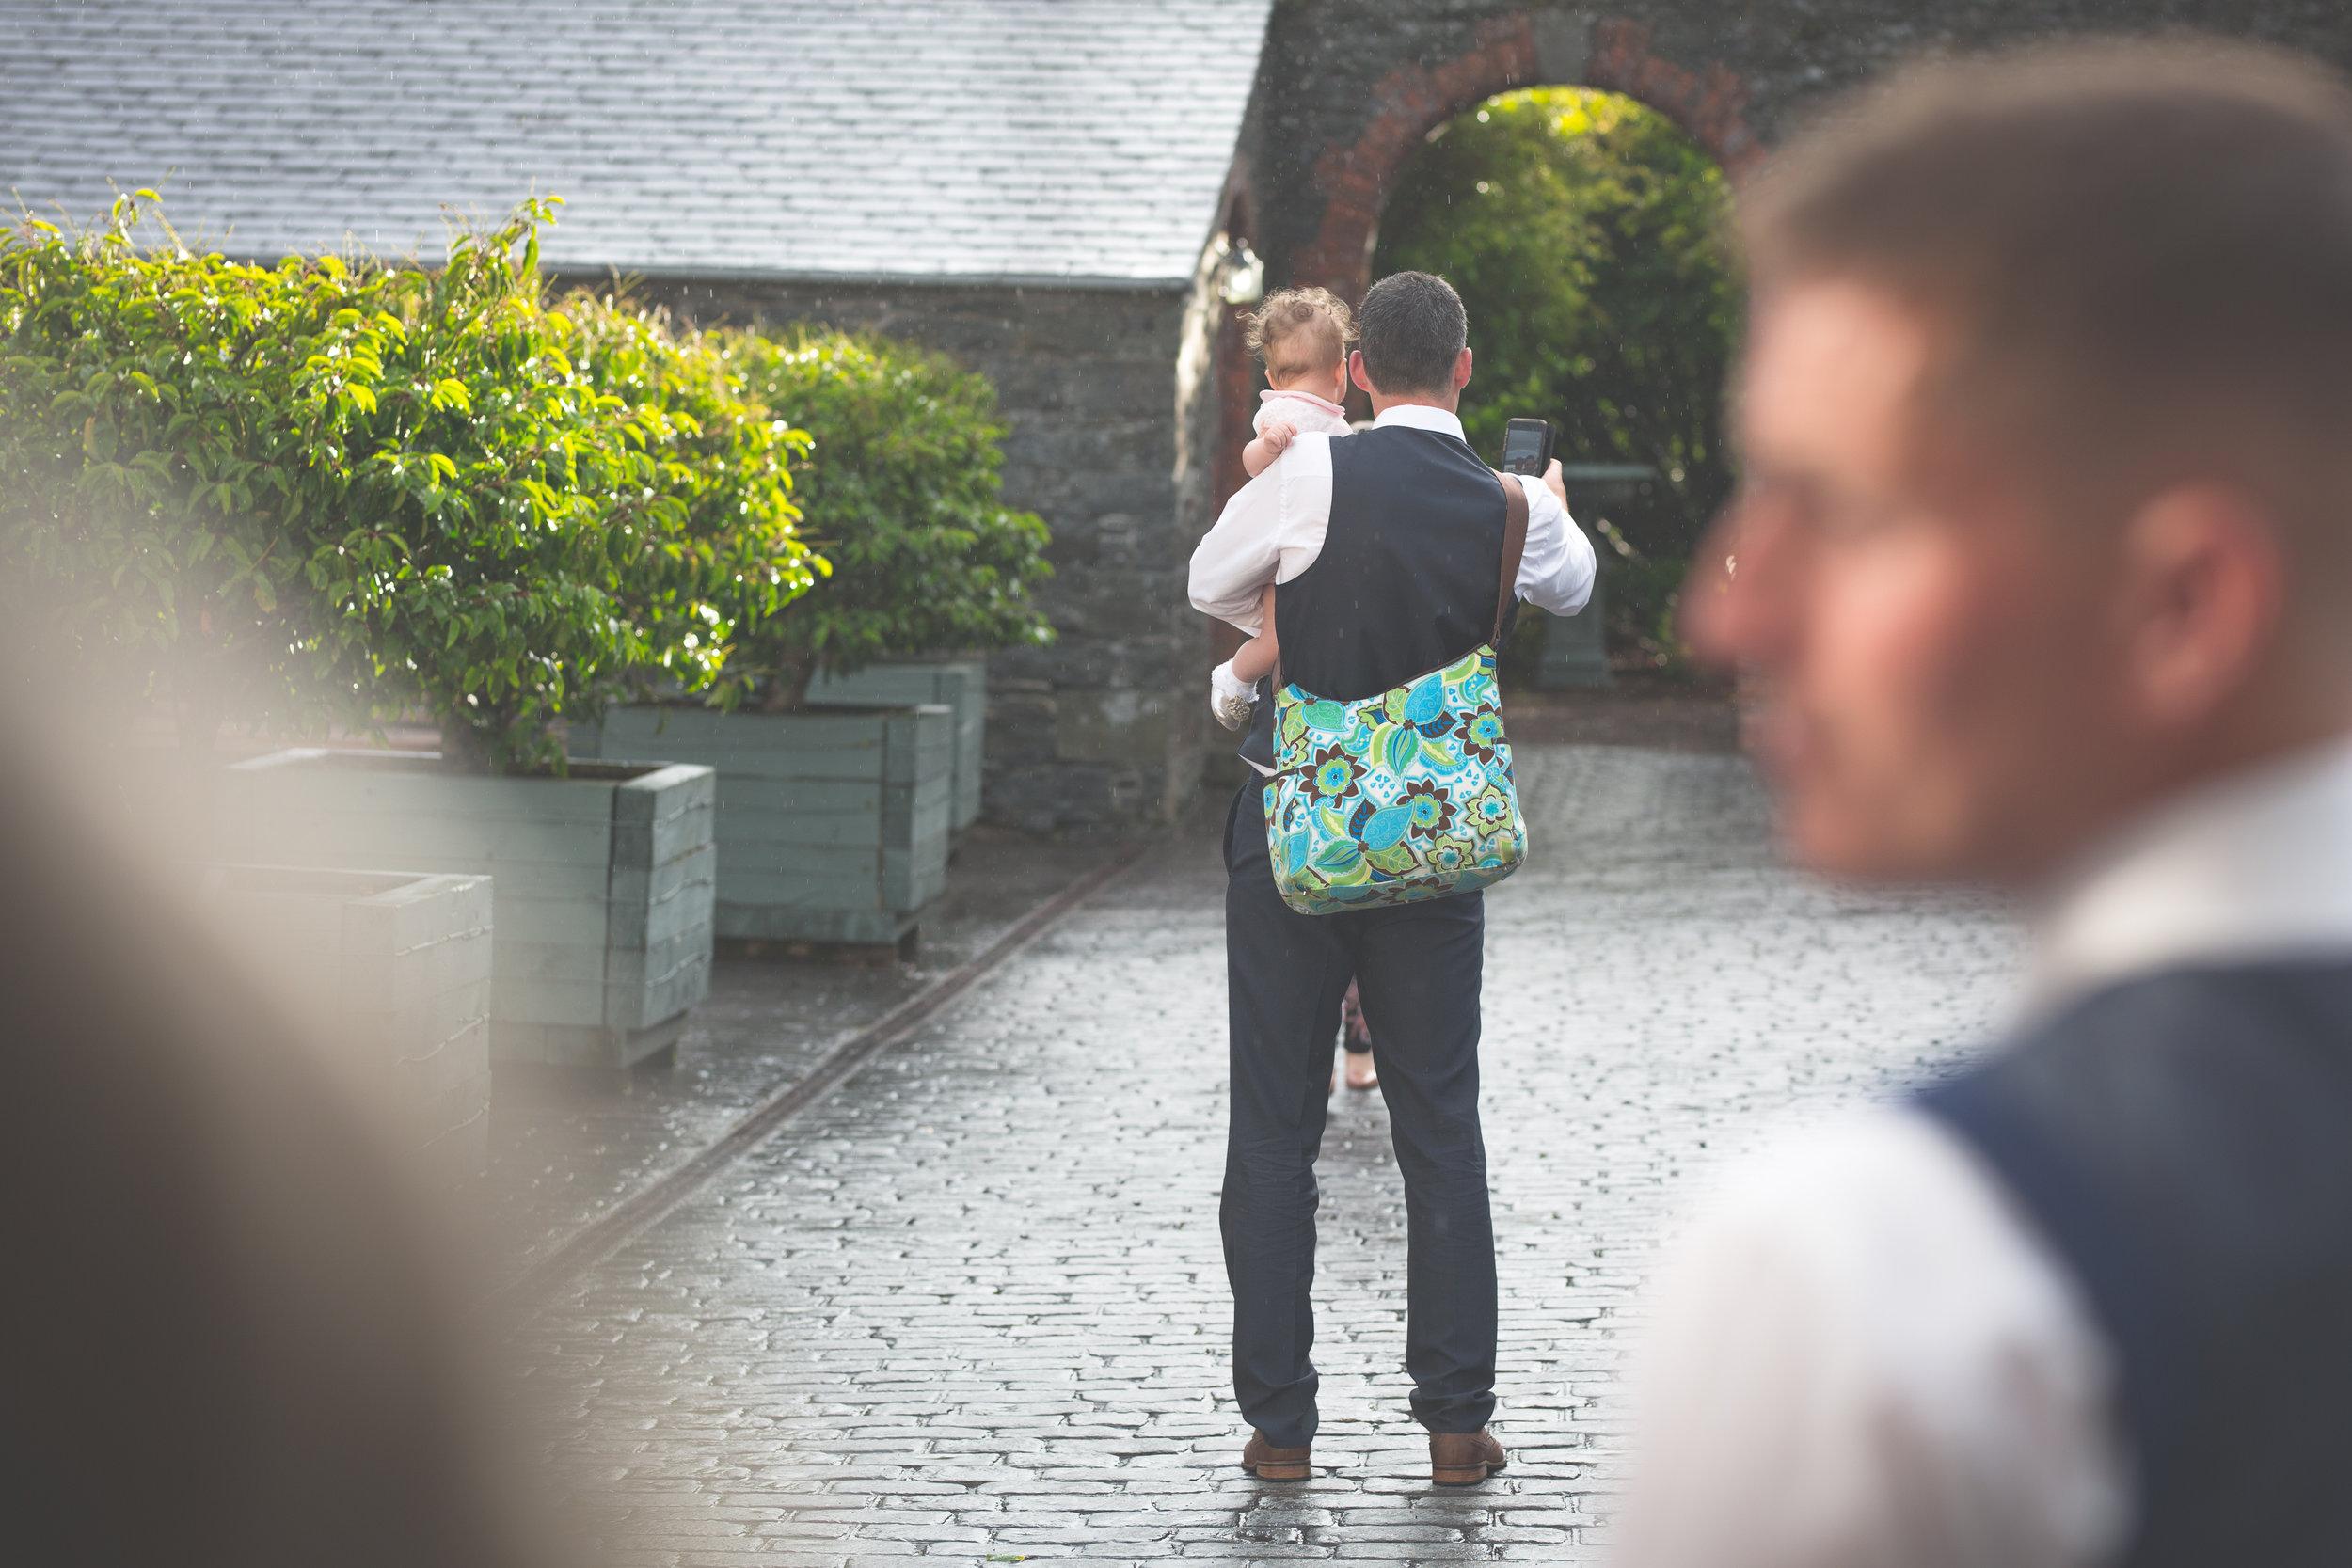 Brian McEwan Wedding Photography | Carol-Anne & Sean | The Speeches-118.jpg